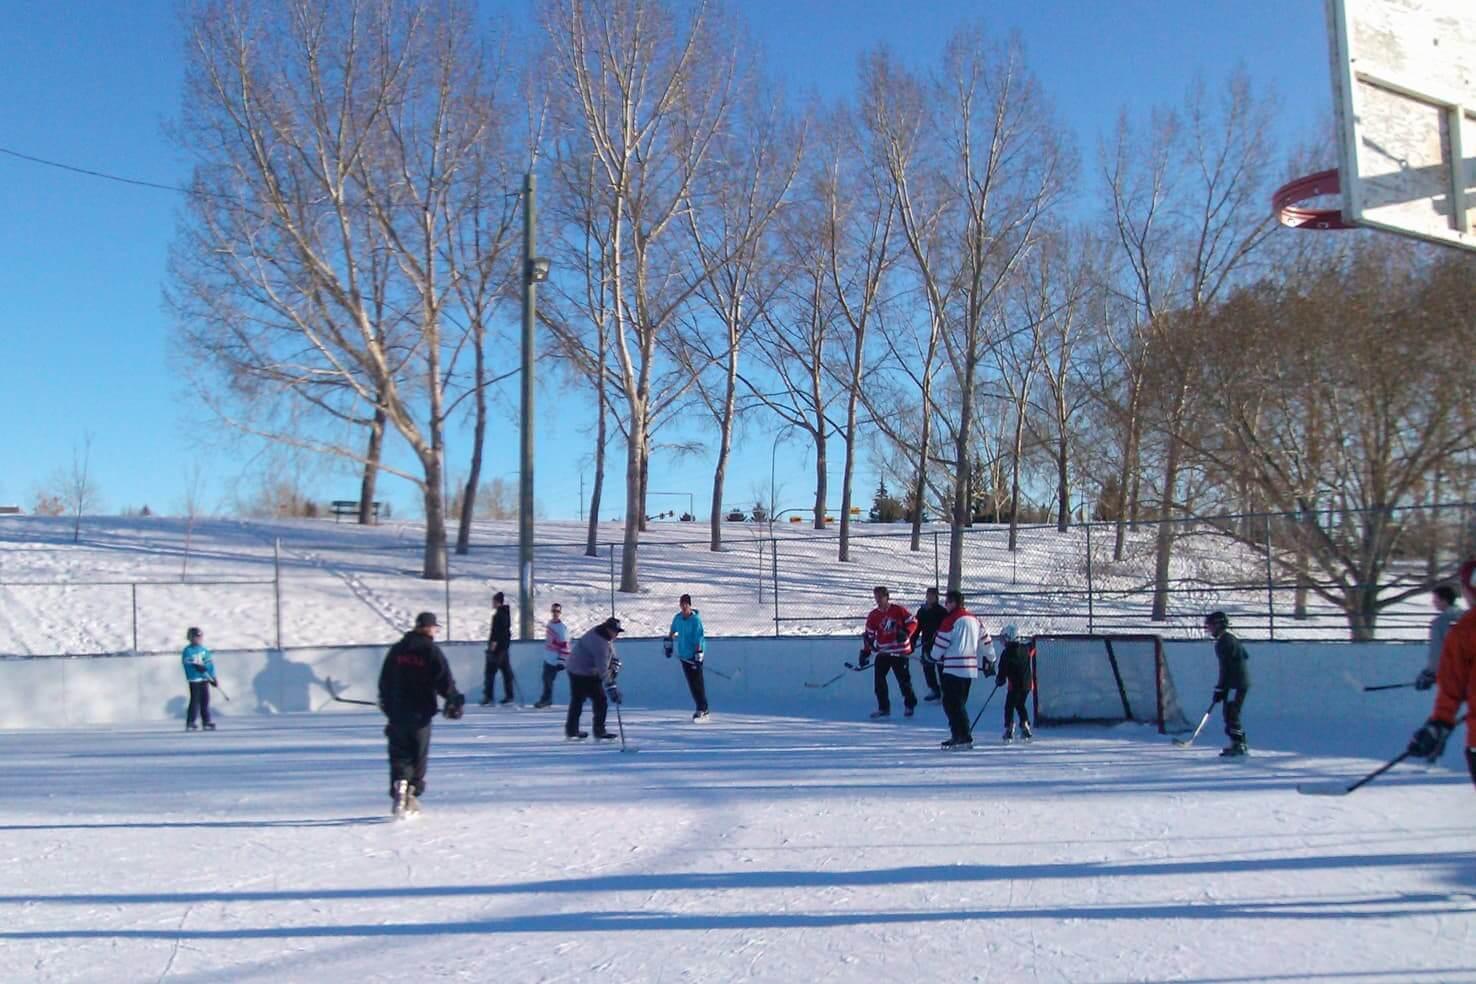 Canadian rockies ice hockey